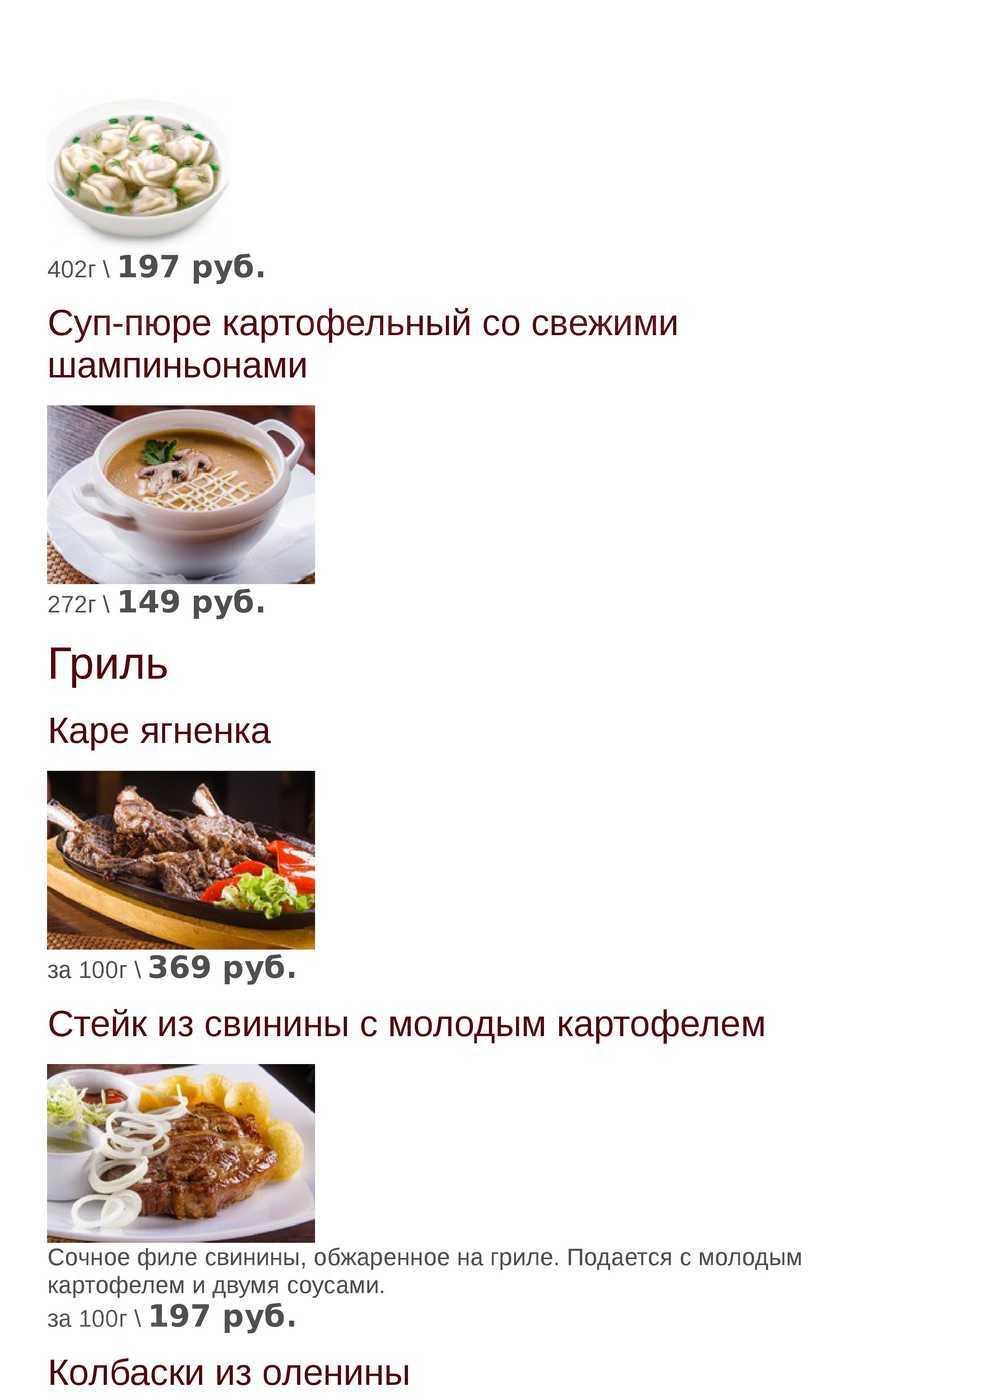 Меню кафе Ермак на проспекте имени газеты Красноярский Рабочий фото 15